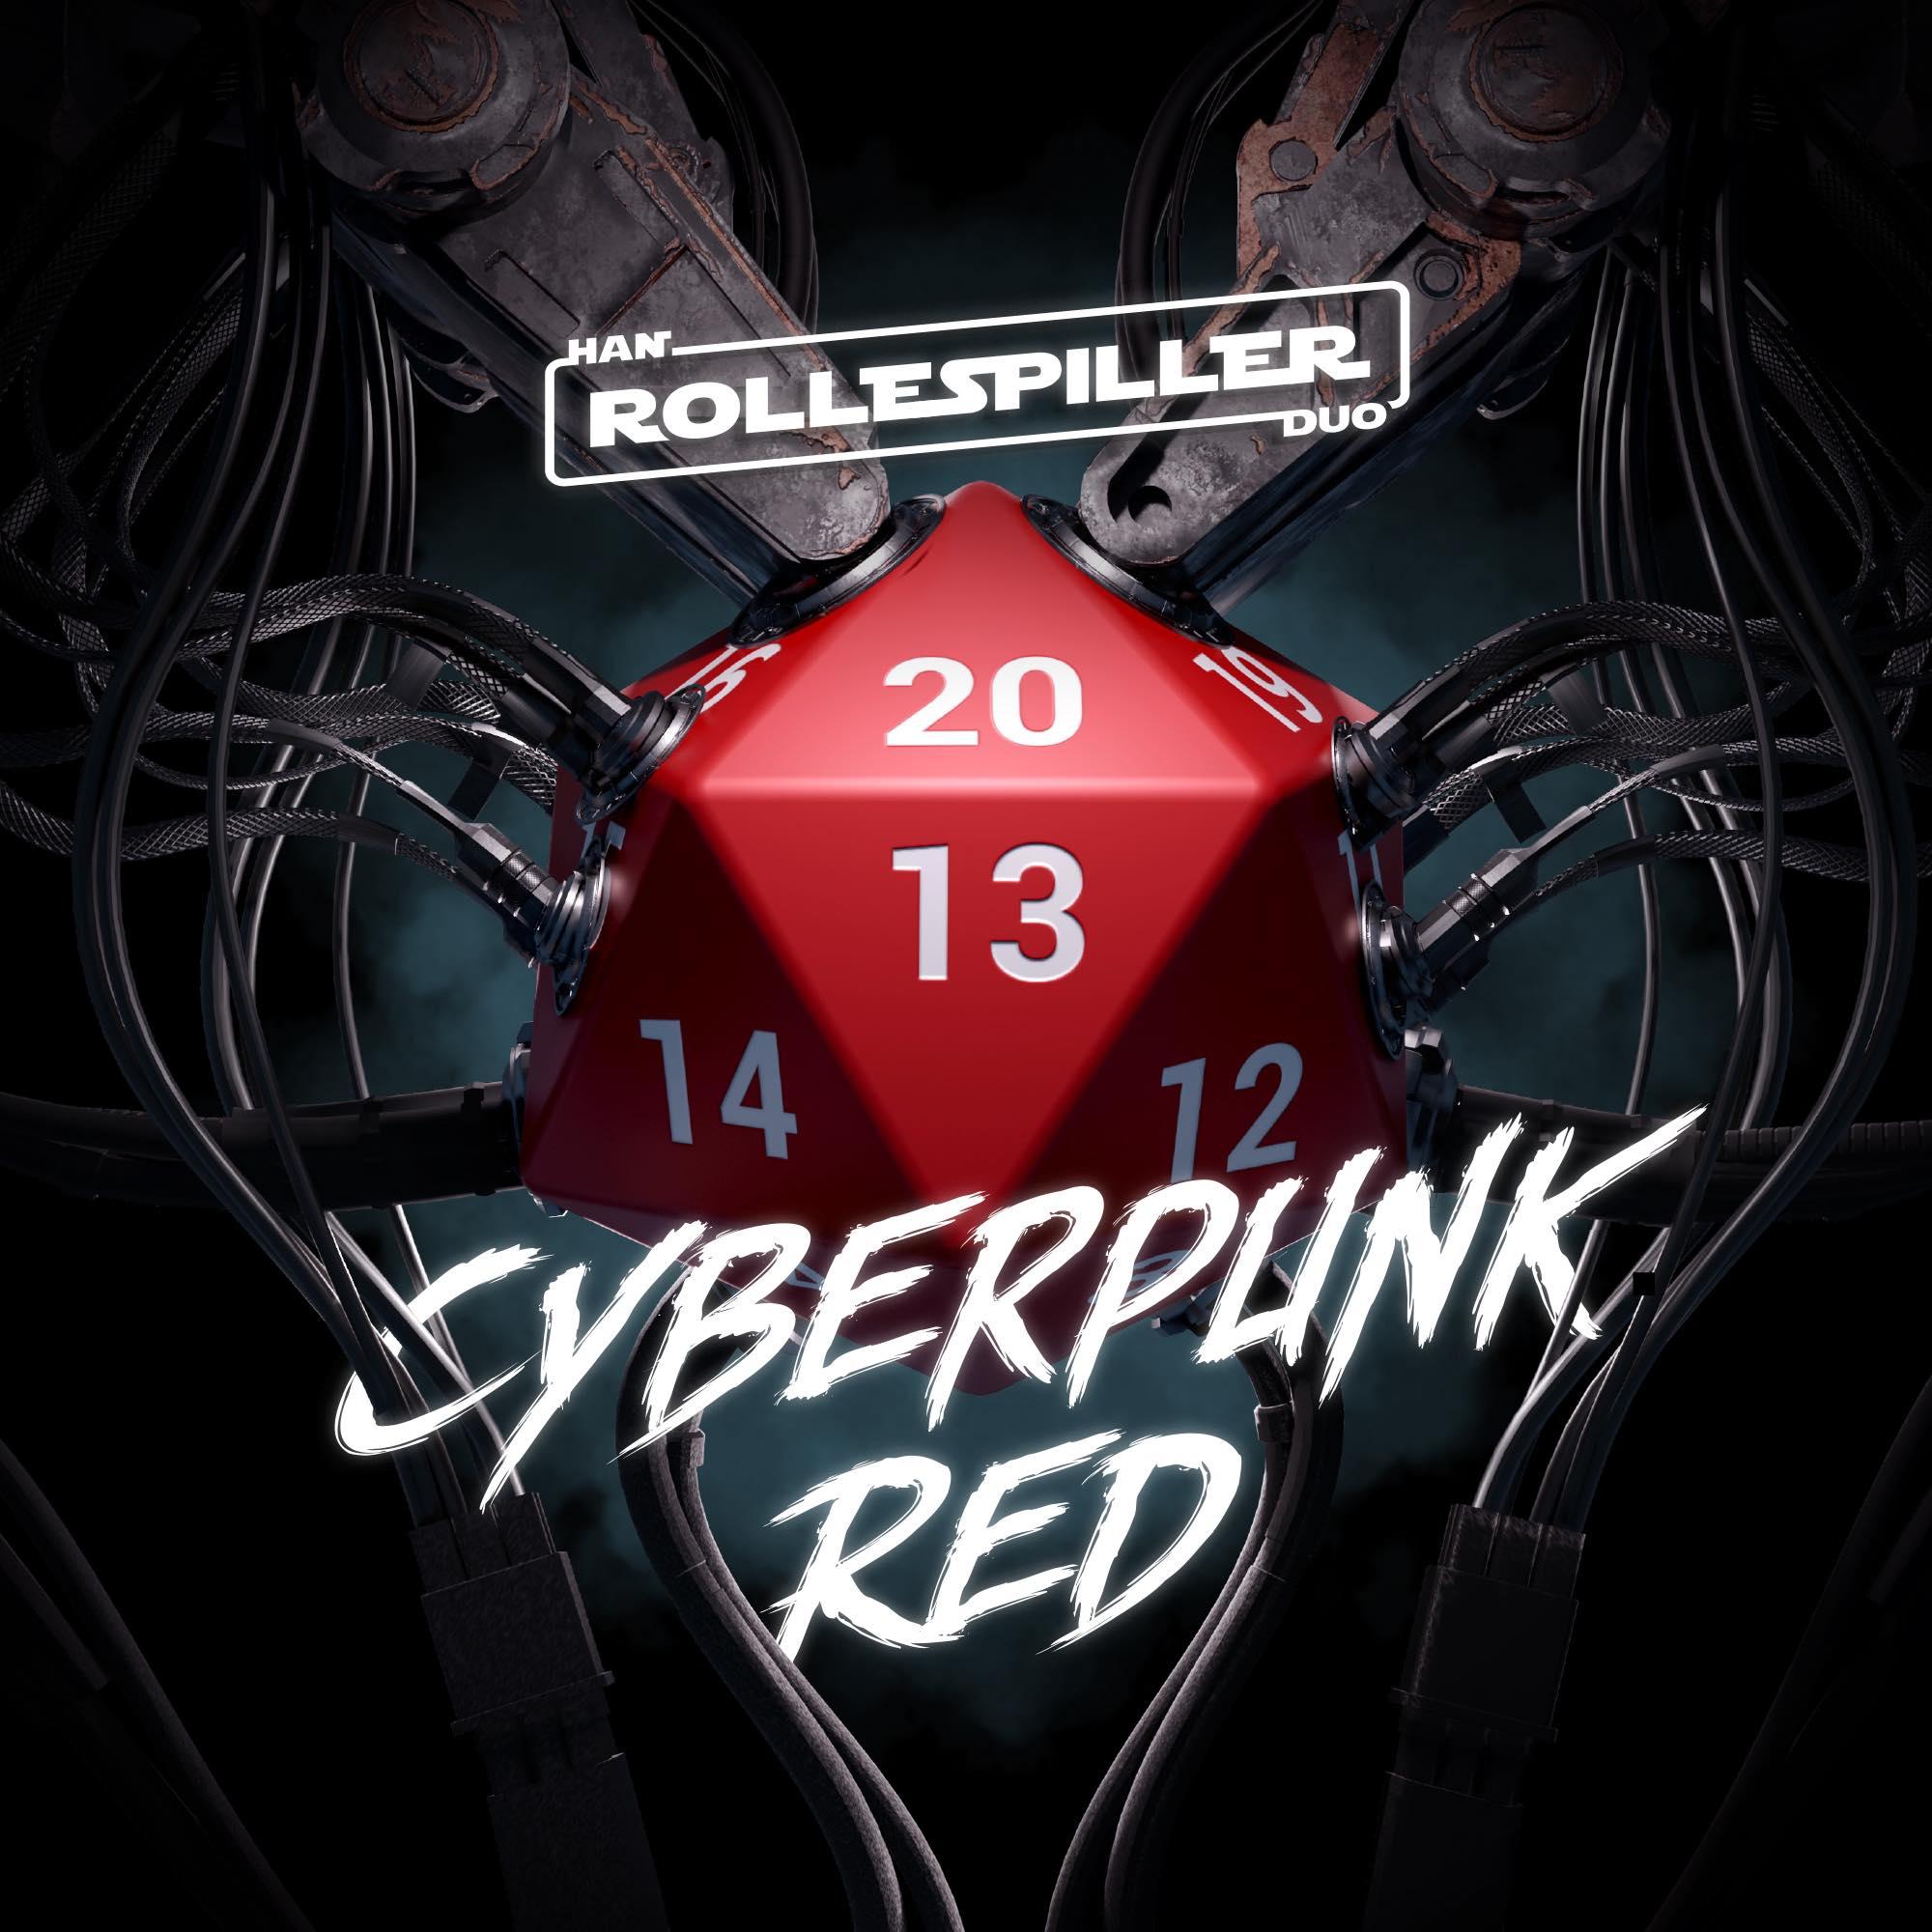 Cyberpunk Red 0:5